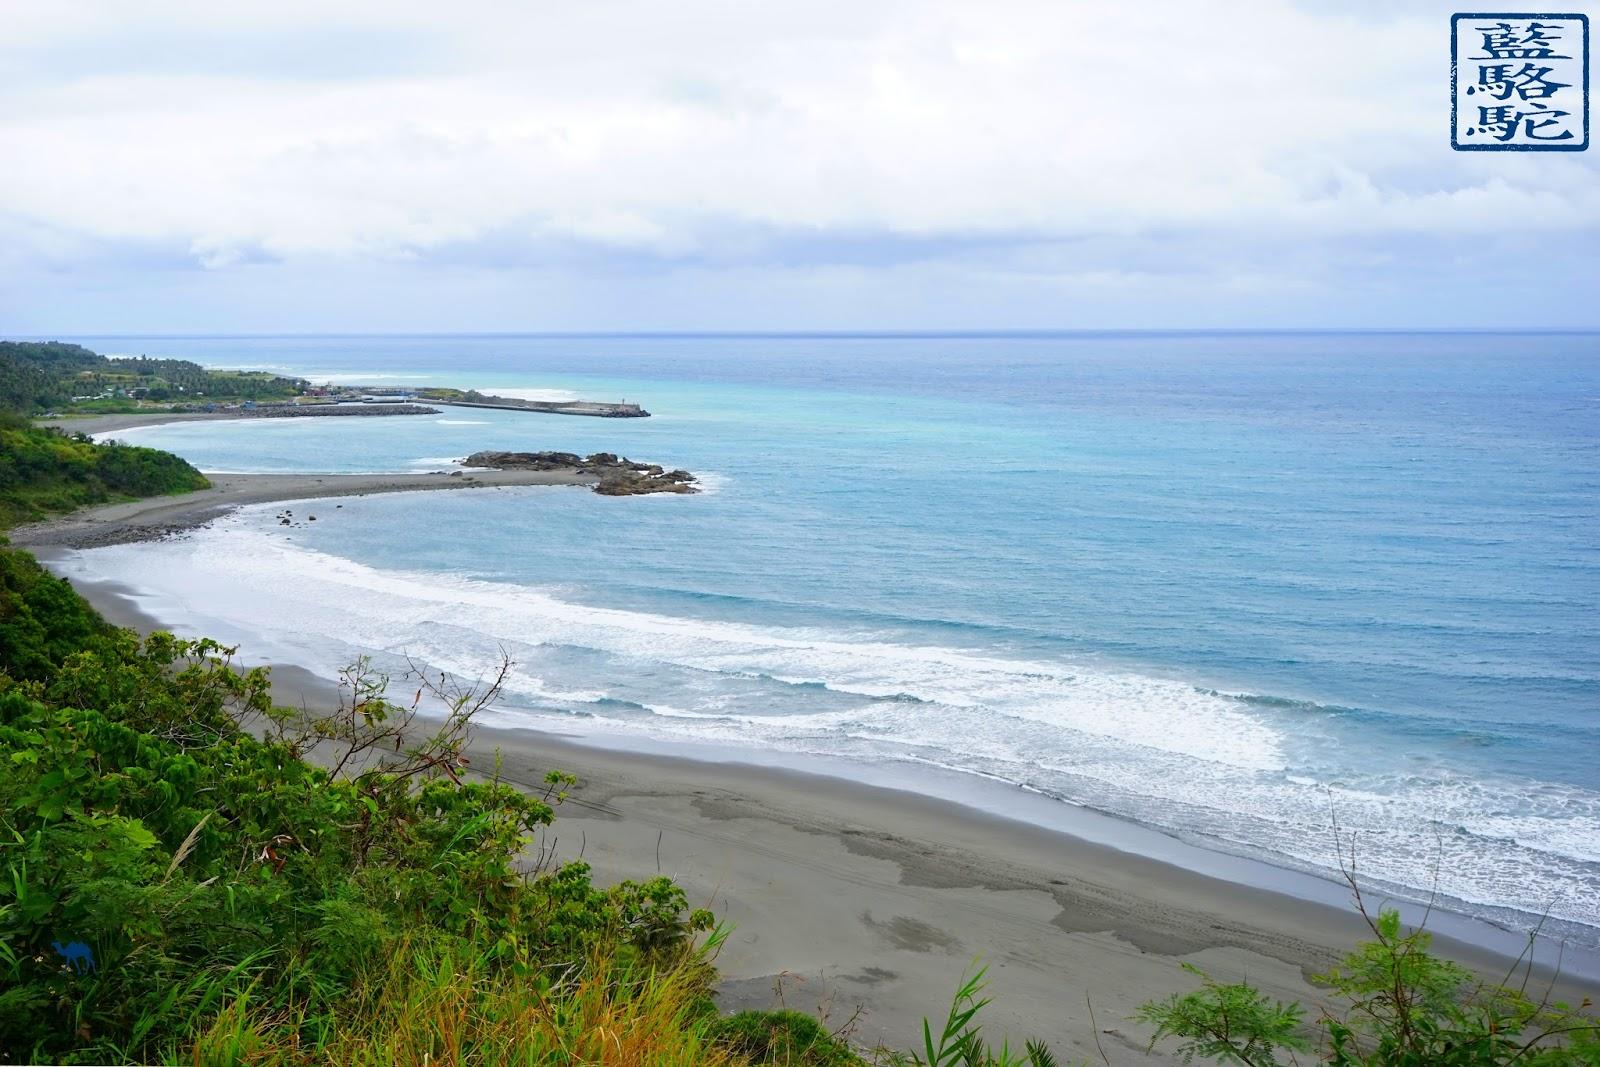 Le Chameau Bleu - Voyage à Taiwan - Côte Est de Taïwan - Séjour à Taiwan